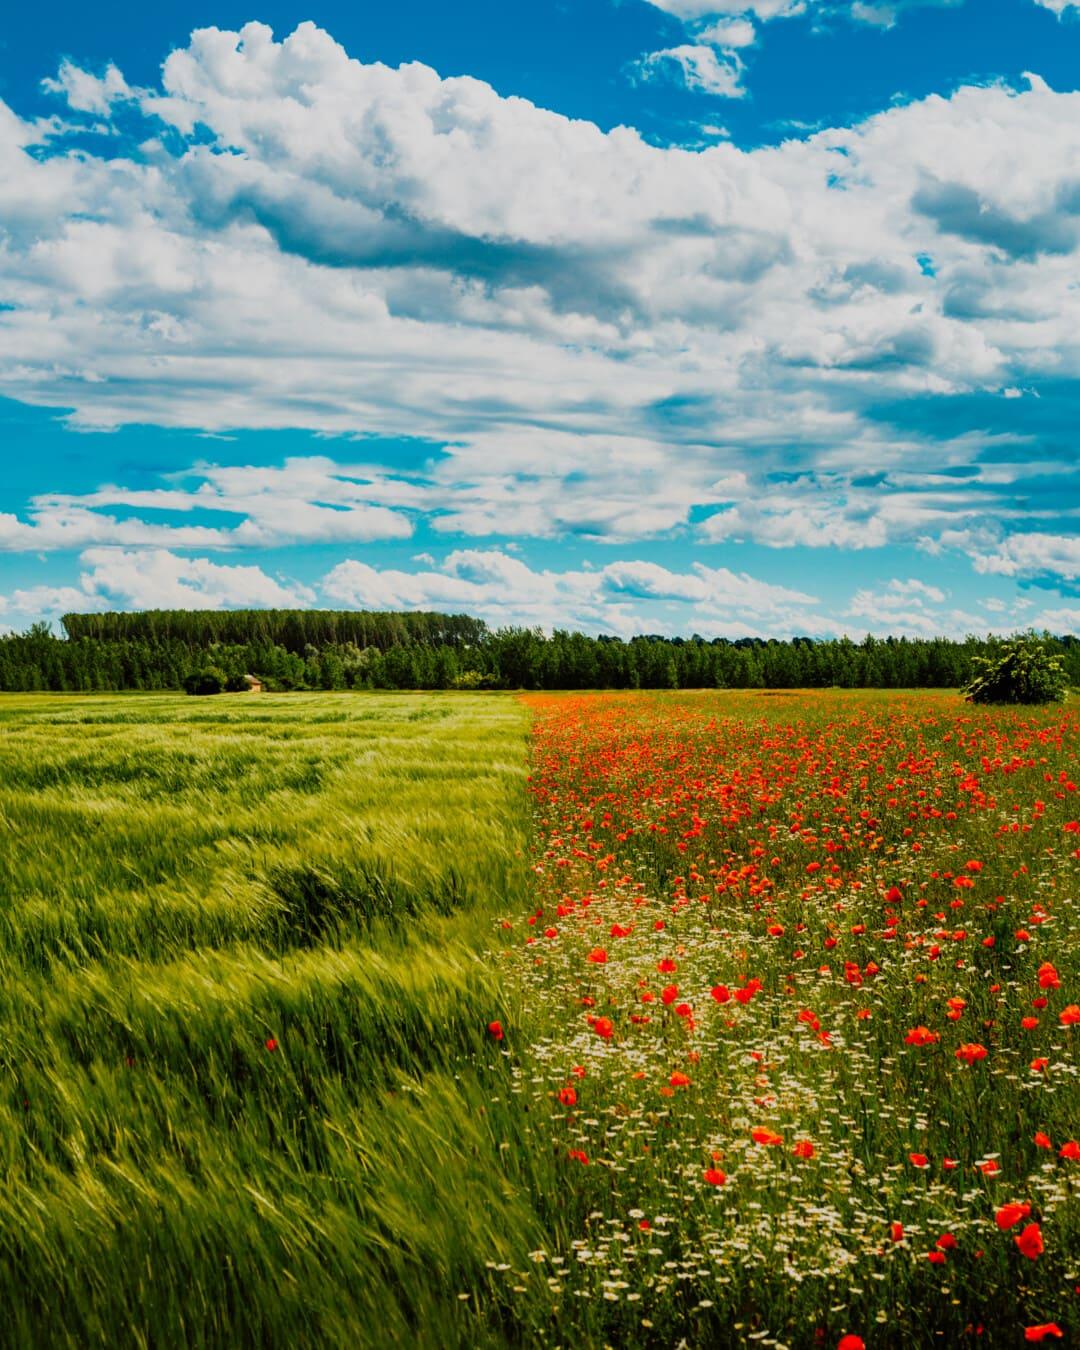 champ de blé, idyllique, fleurs sauvages, coquelicot, camomille, nature, rural, prairie, domaine, printemps